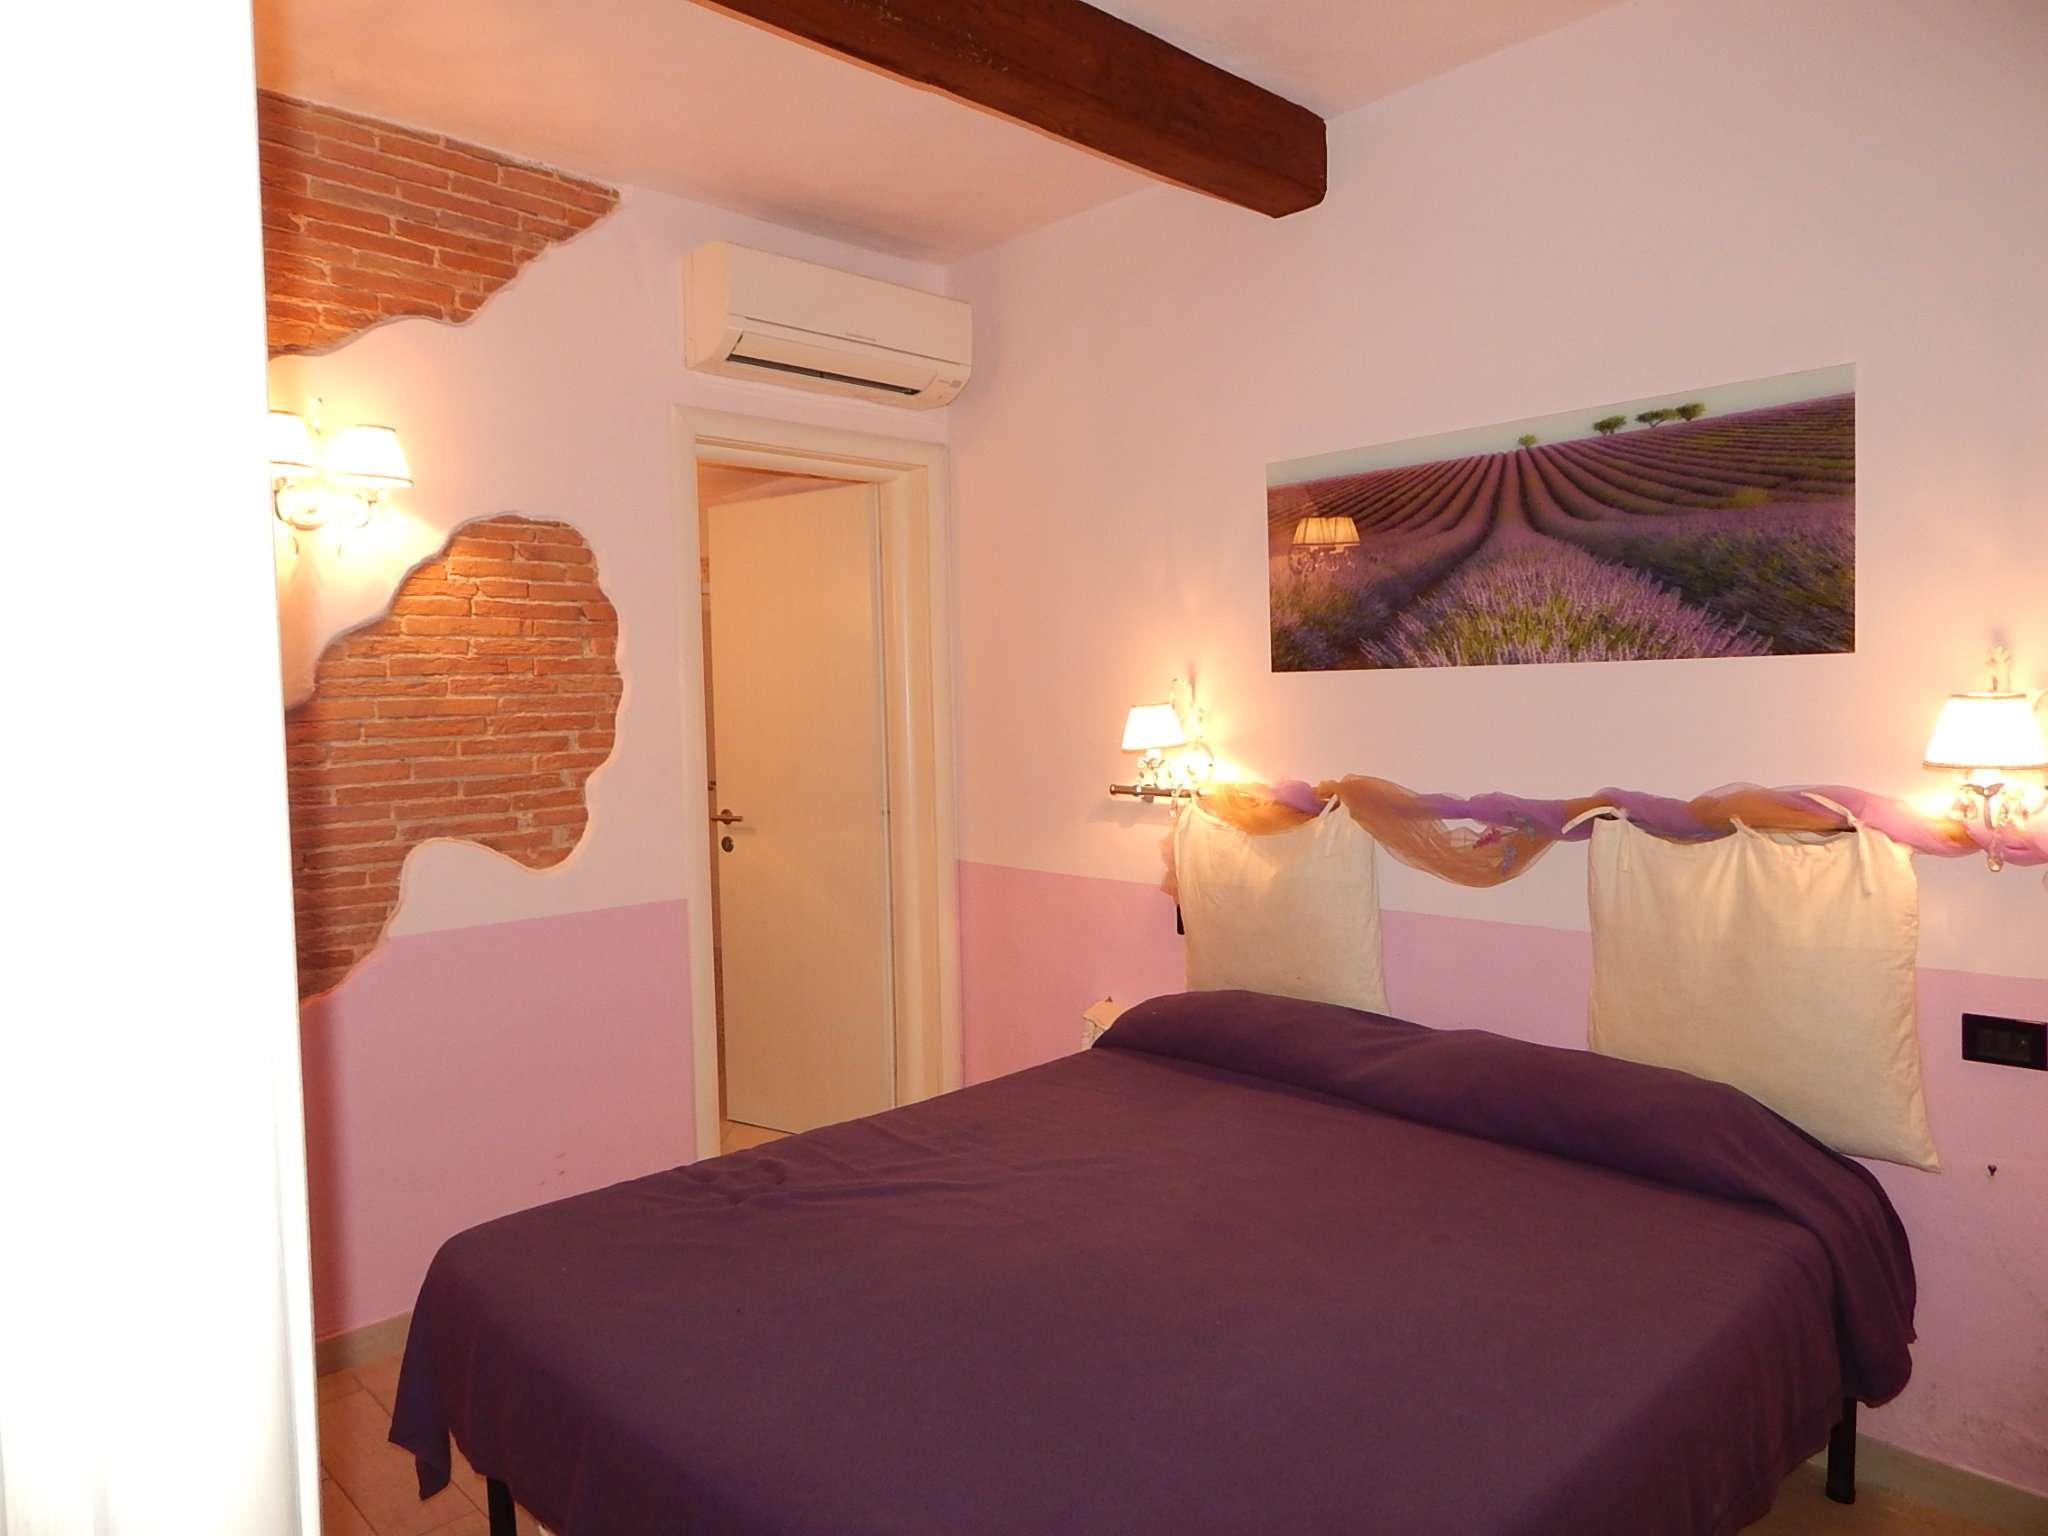 Palazzo / Stabile in affitto a Pisa, 4 locali, prezzo € 1.500 | Cambio Casa.it